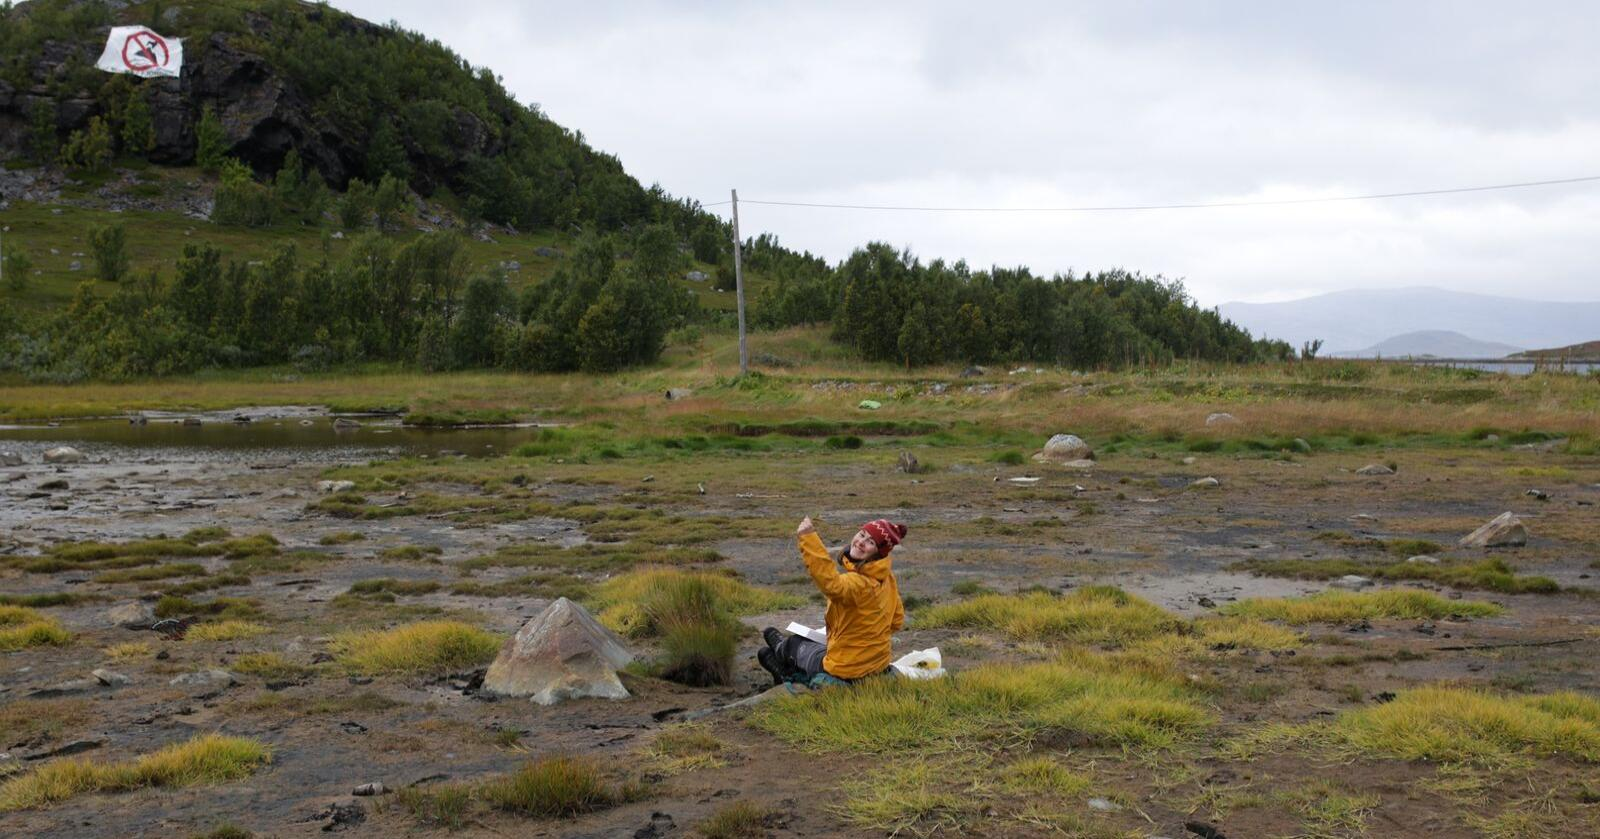 Botaniker Rebekka Eriksen Ween kartlegger planter ved Repparfjorden i Finnmark. Foto: Torunn Bockelie Rosendal